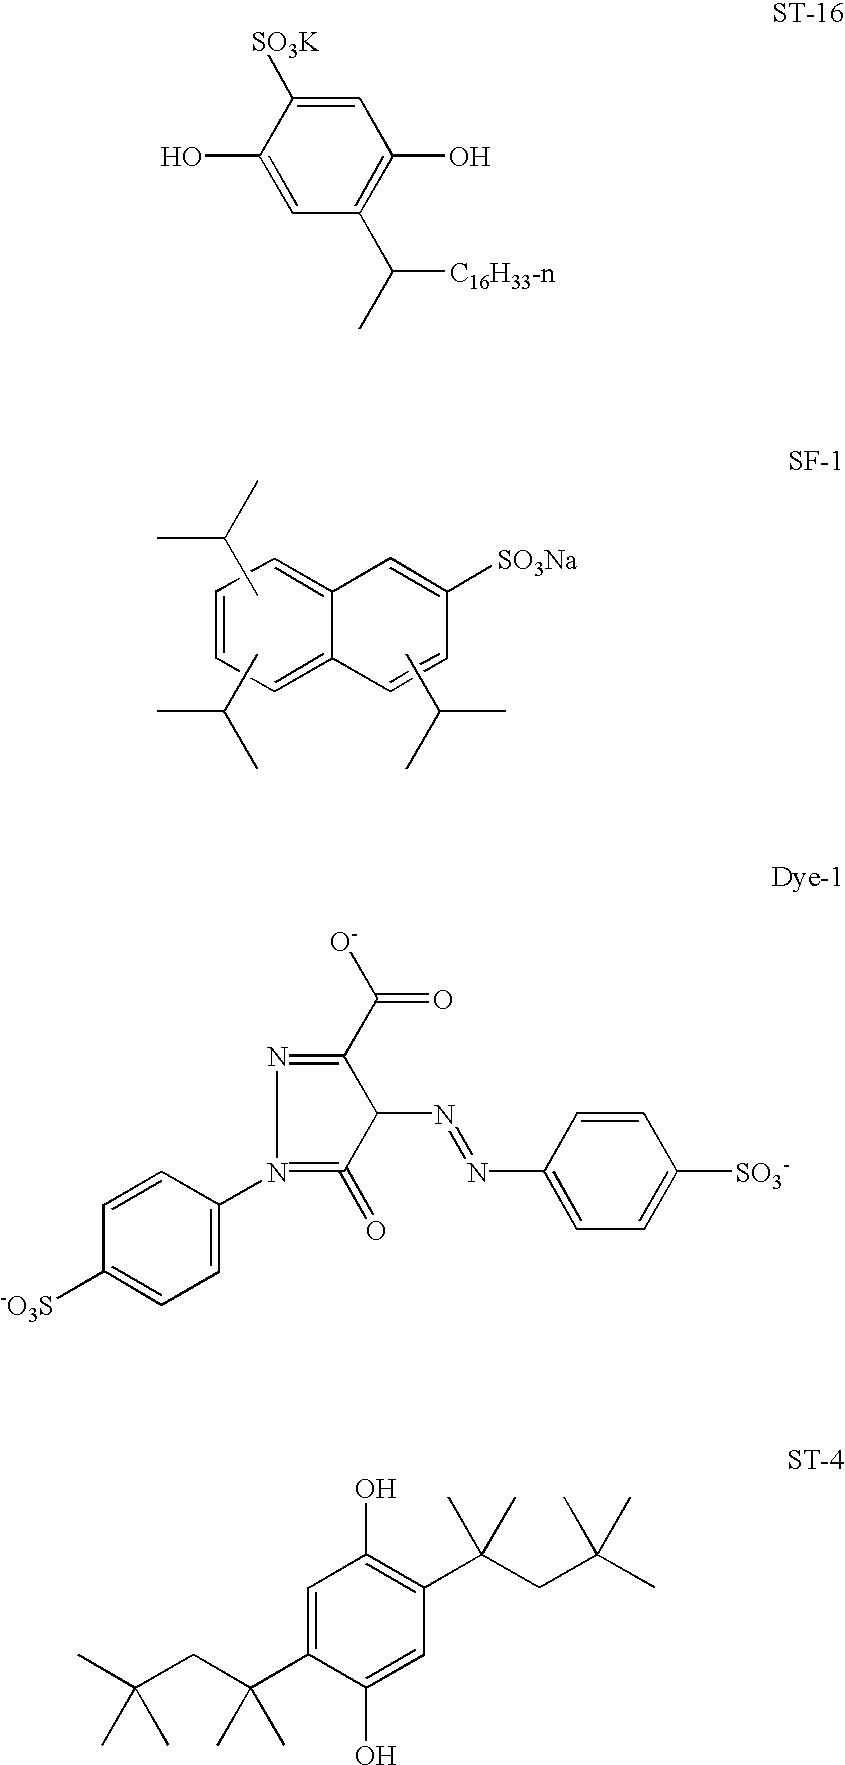 Figure US06645690-20031111-C00013